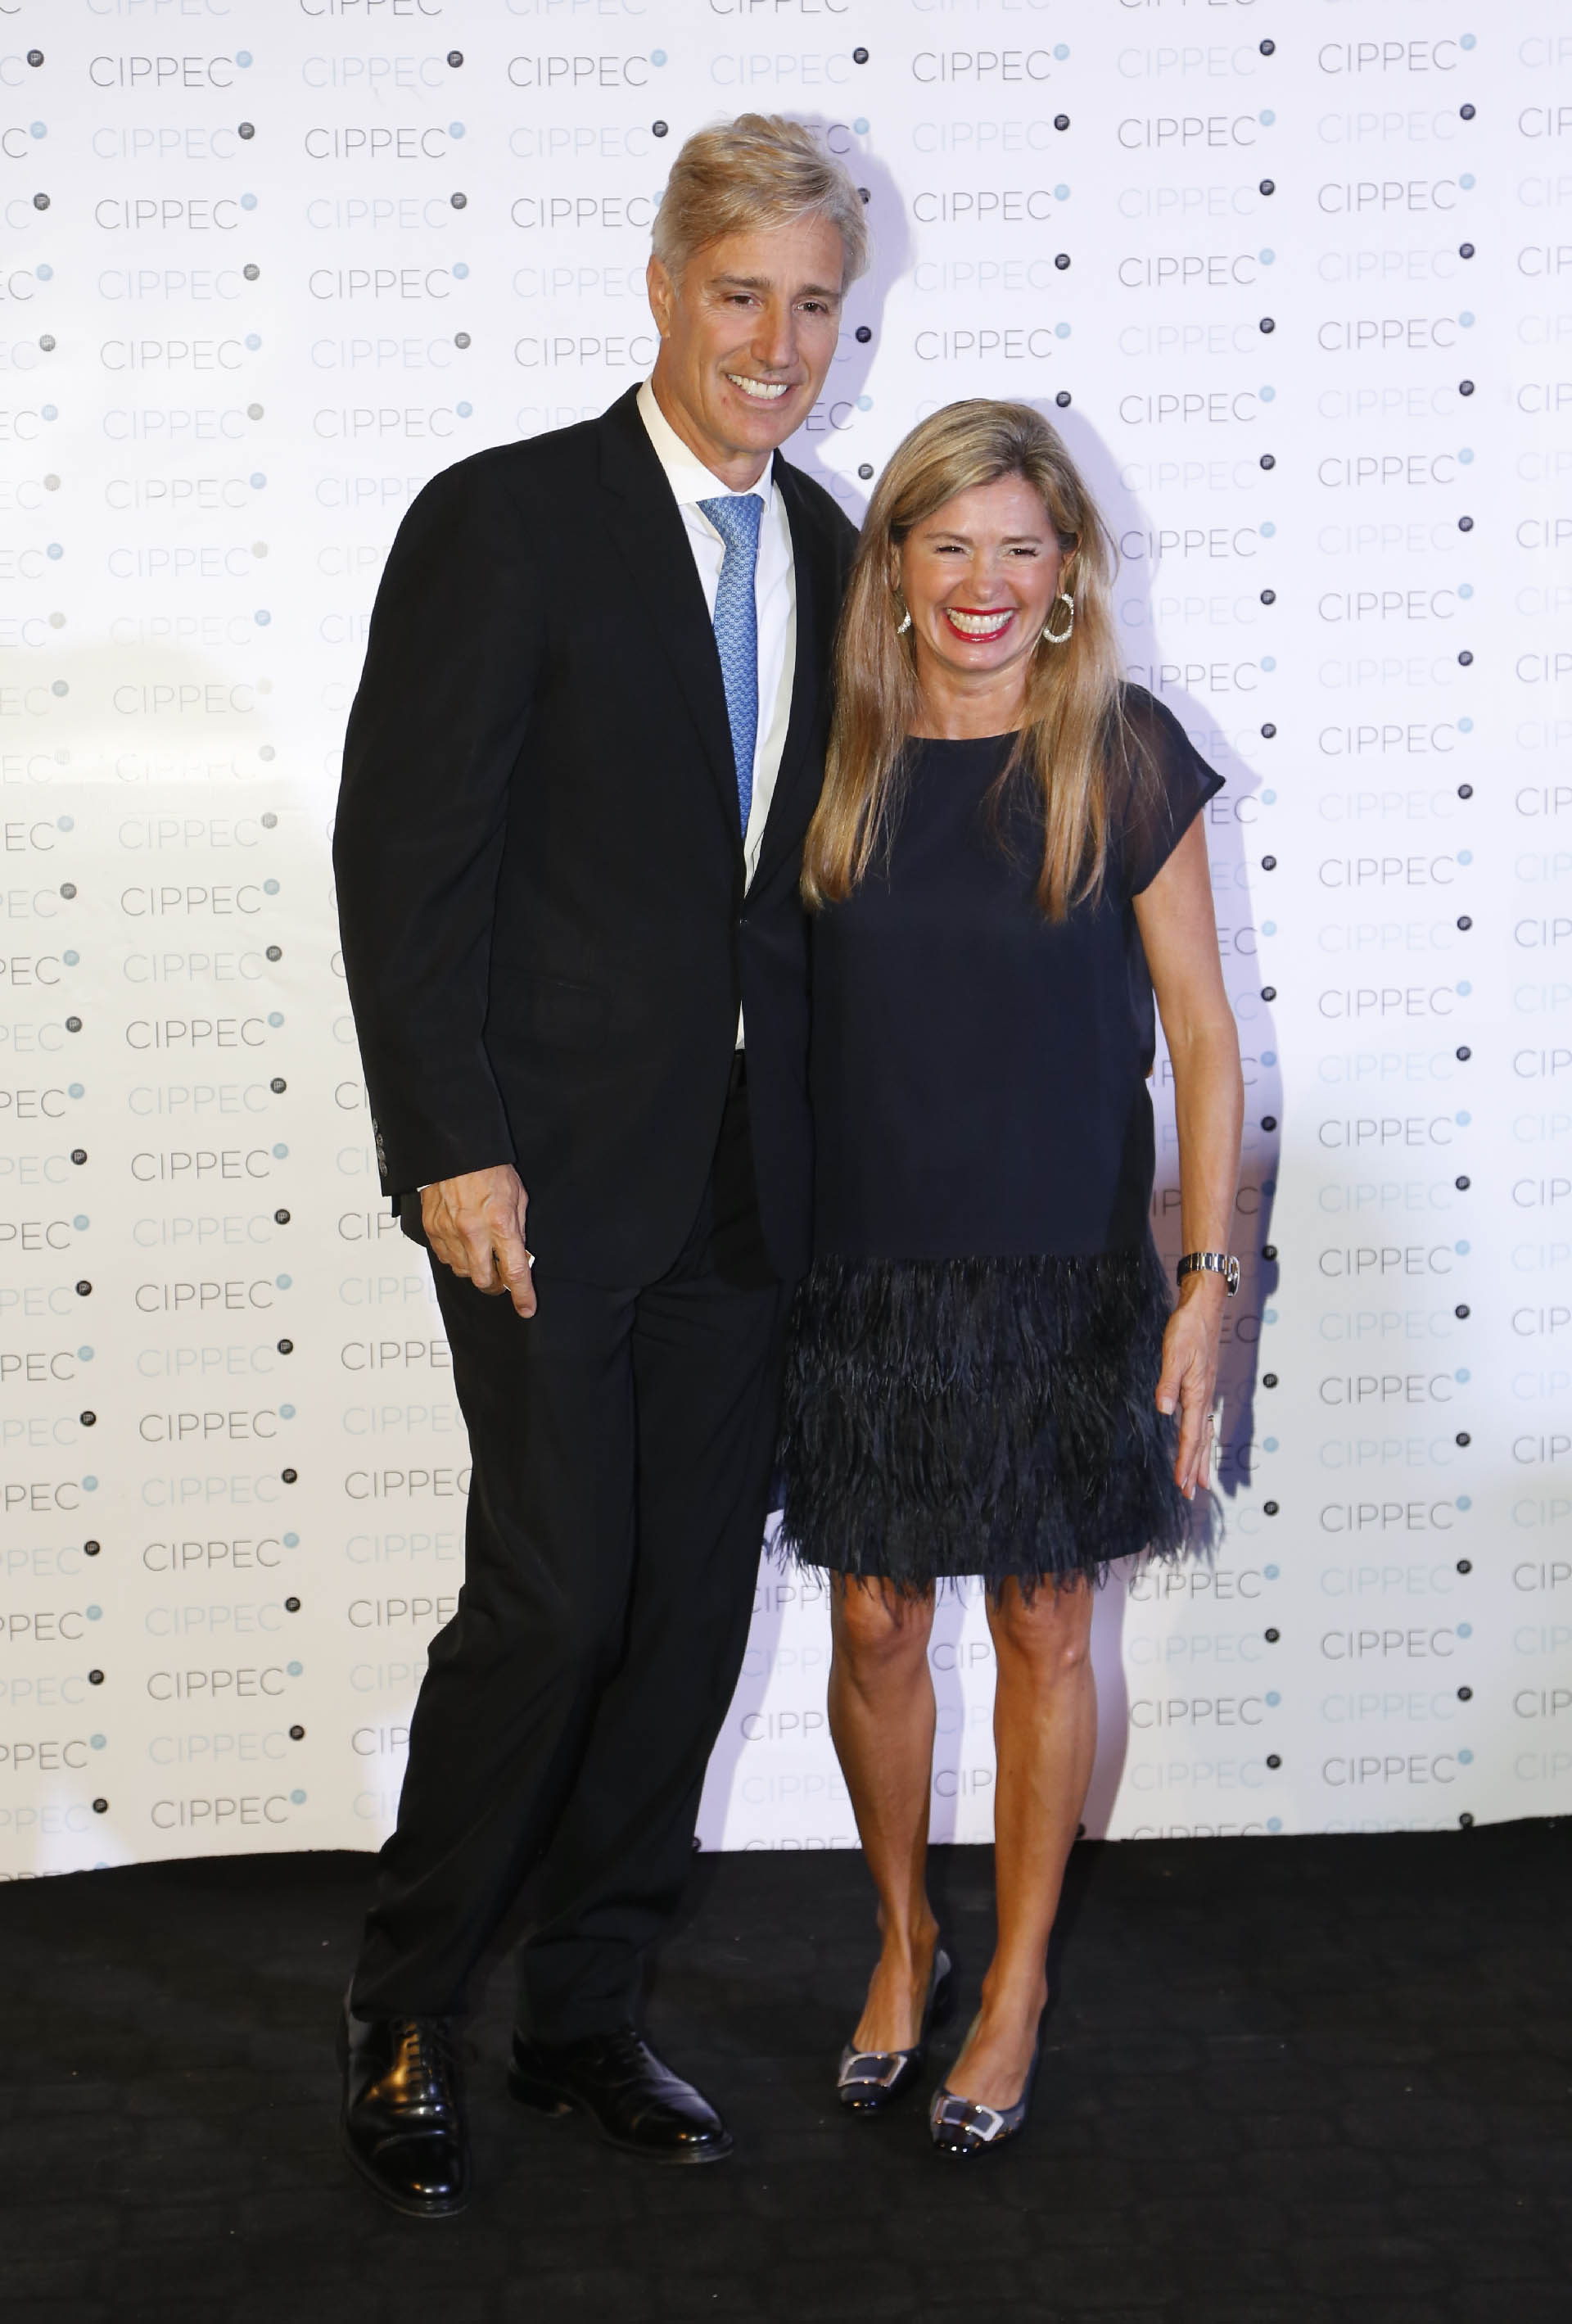 El presidente de Laboratorios Richmond, Marcelo Figueiras, y su mujer María Laura Leguizamón